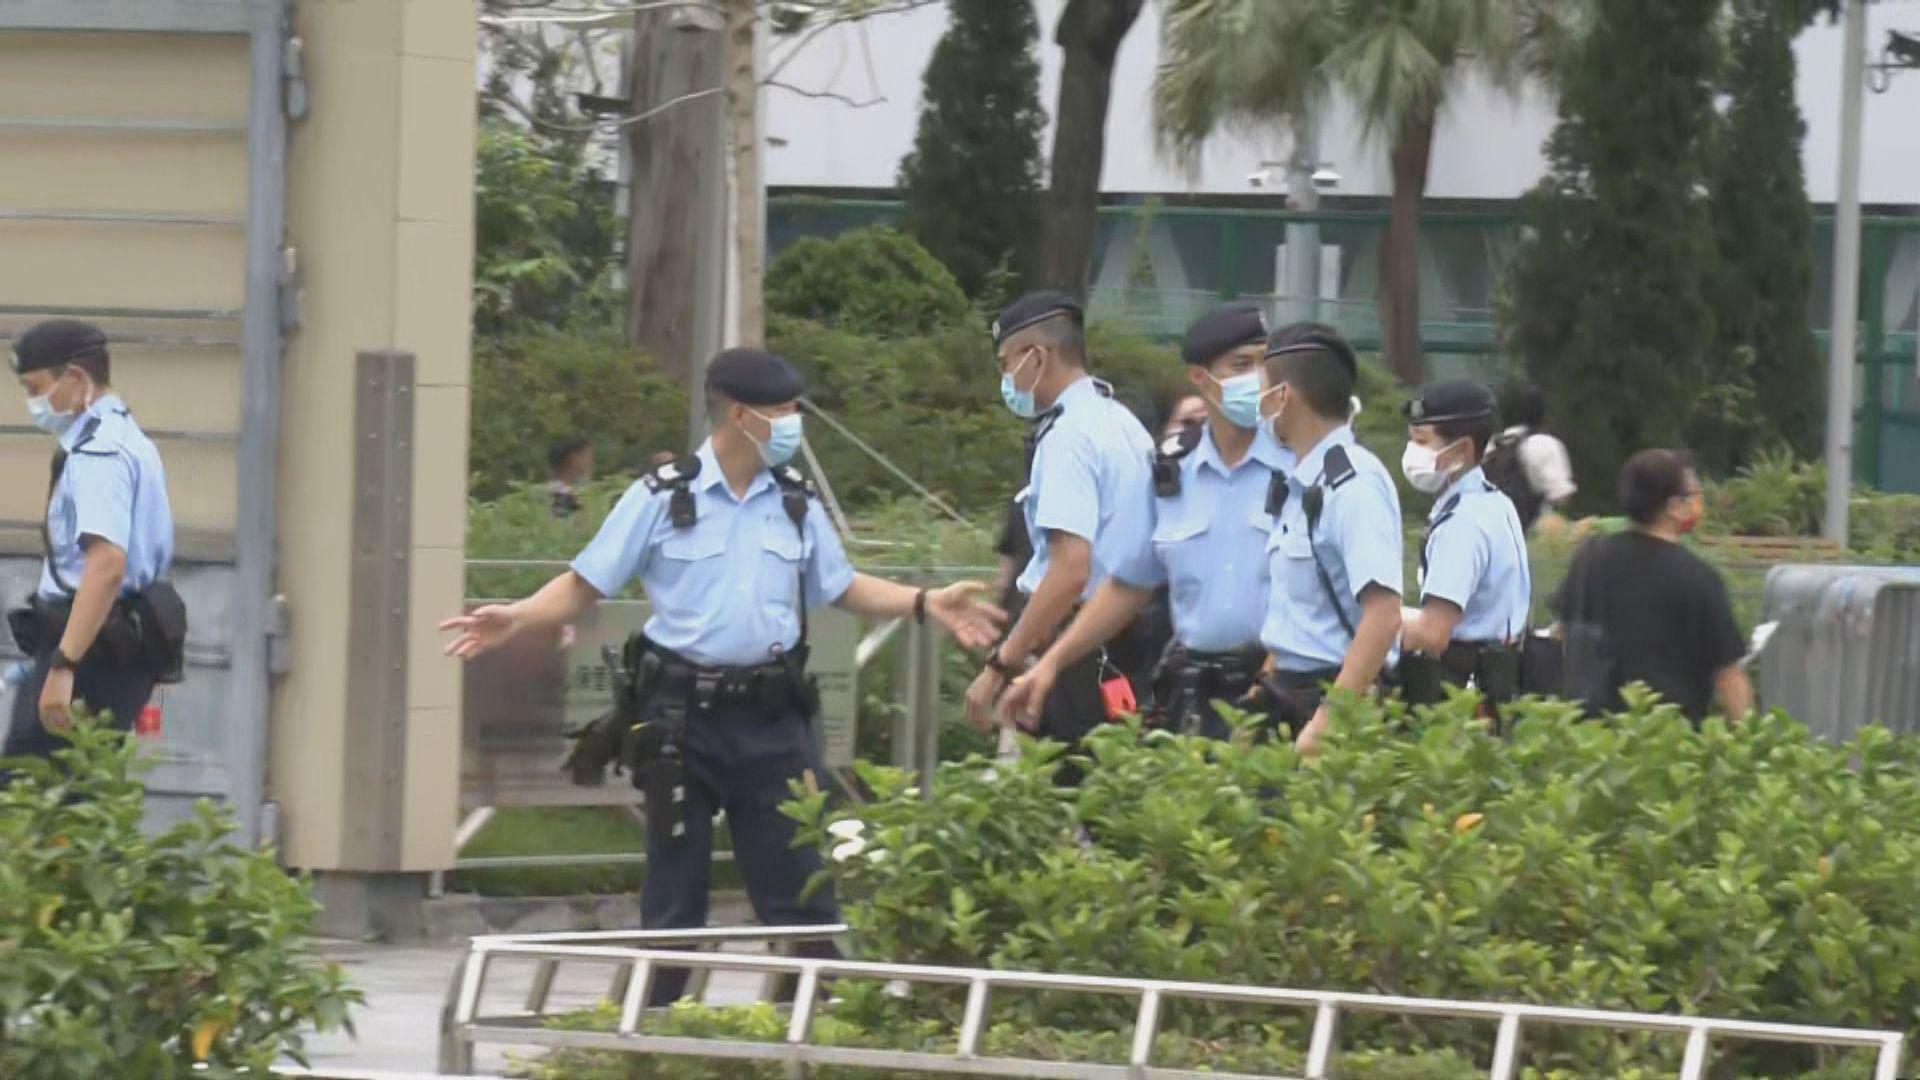 警方引《公安條例》封鎖維園 園外截查黑衣市民